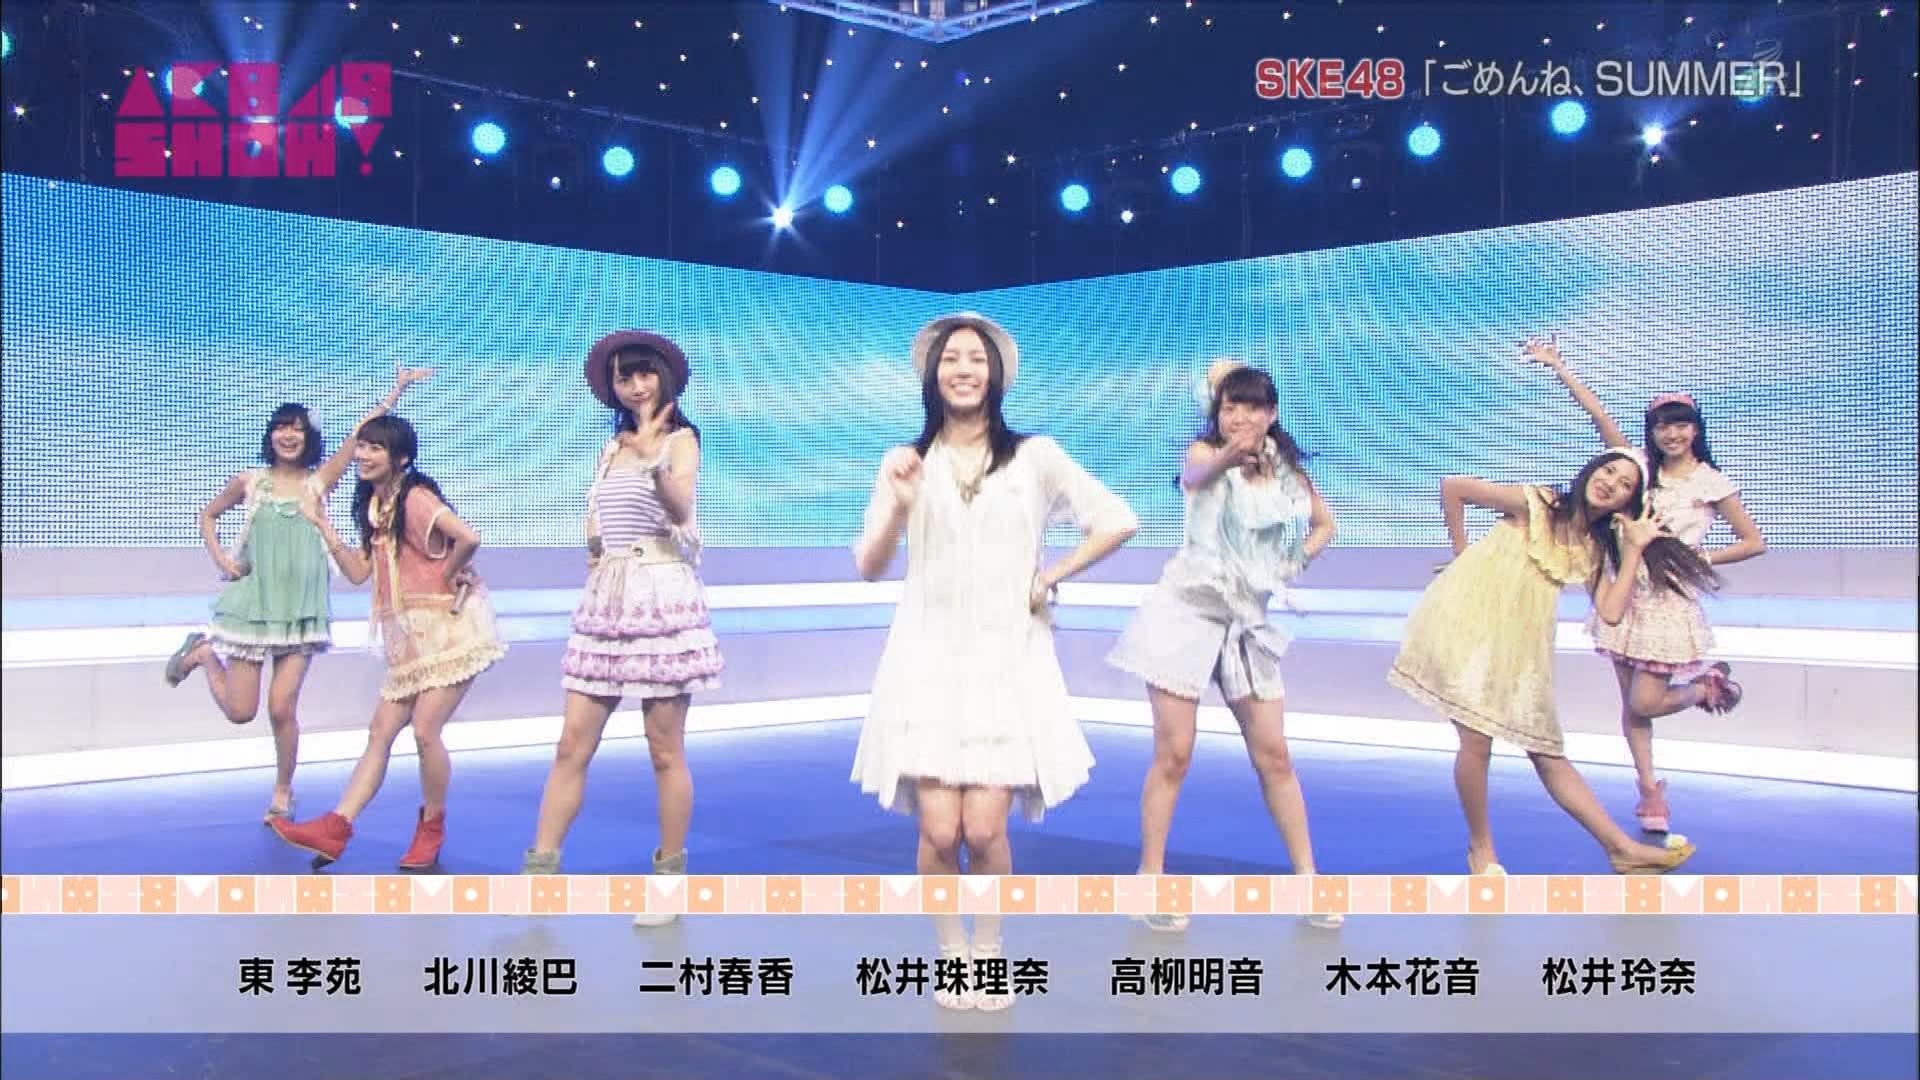 AKB48SHOW ごめんね、SUMMER 松井玲奈 20140830 (3)